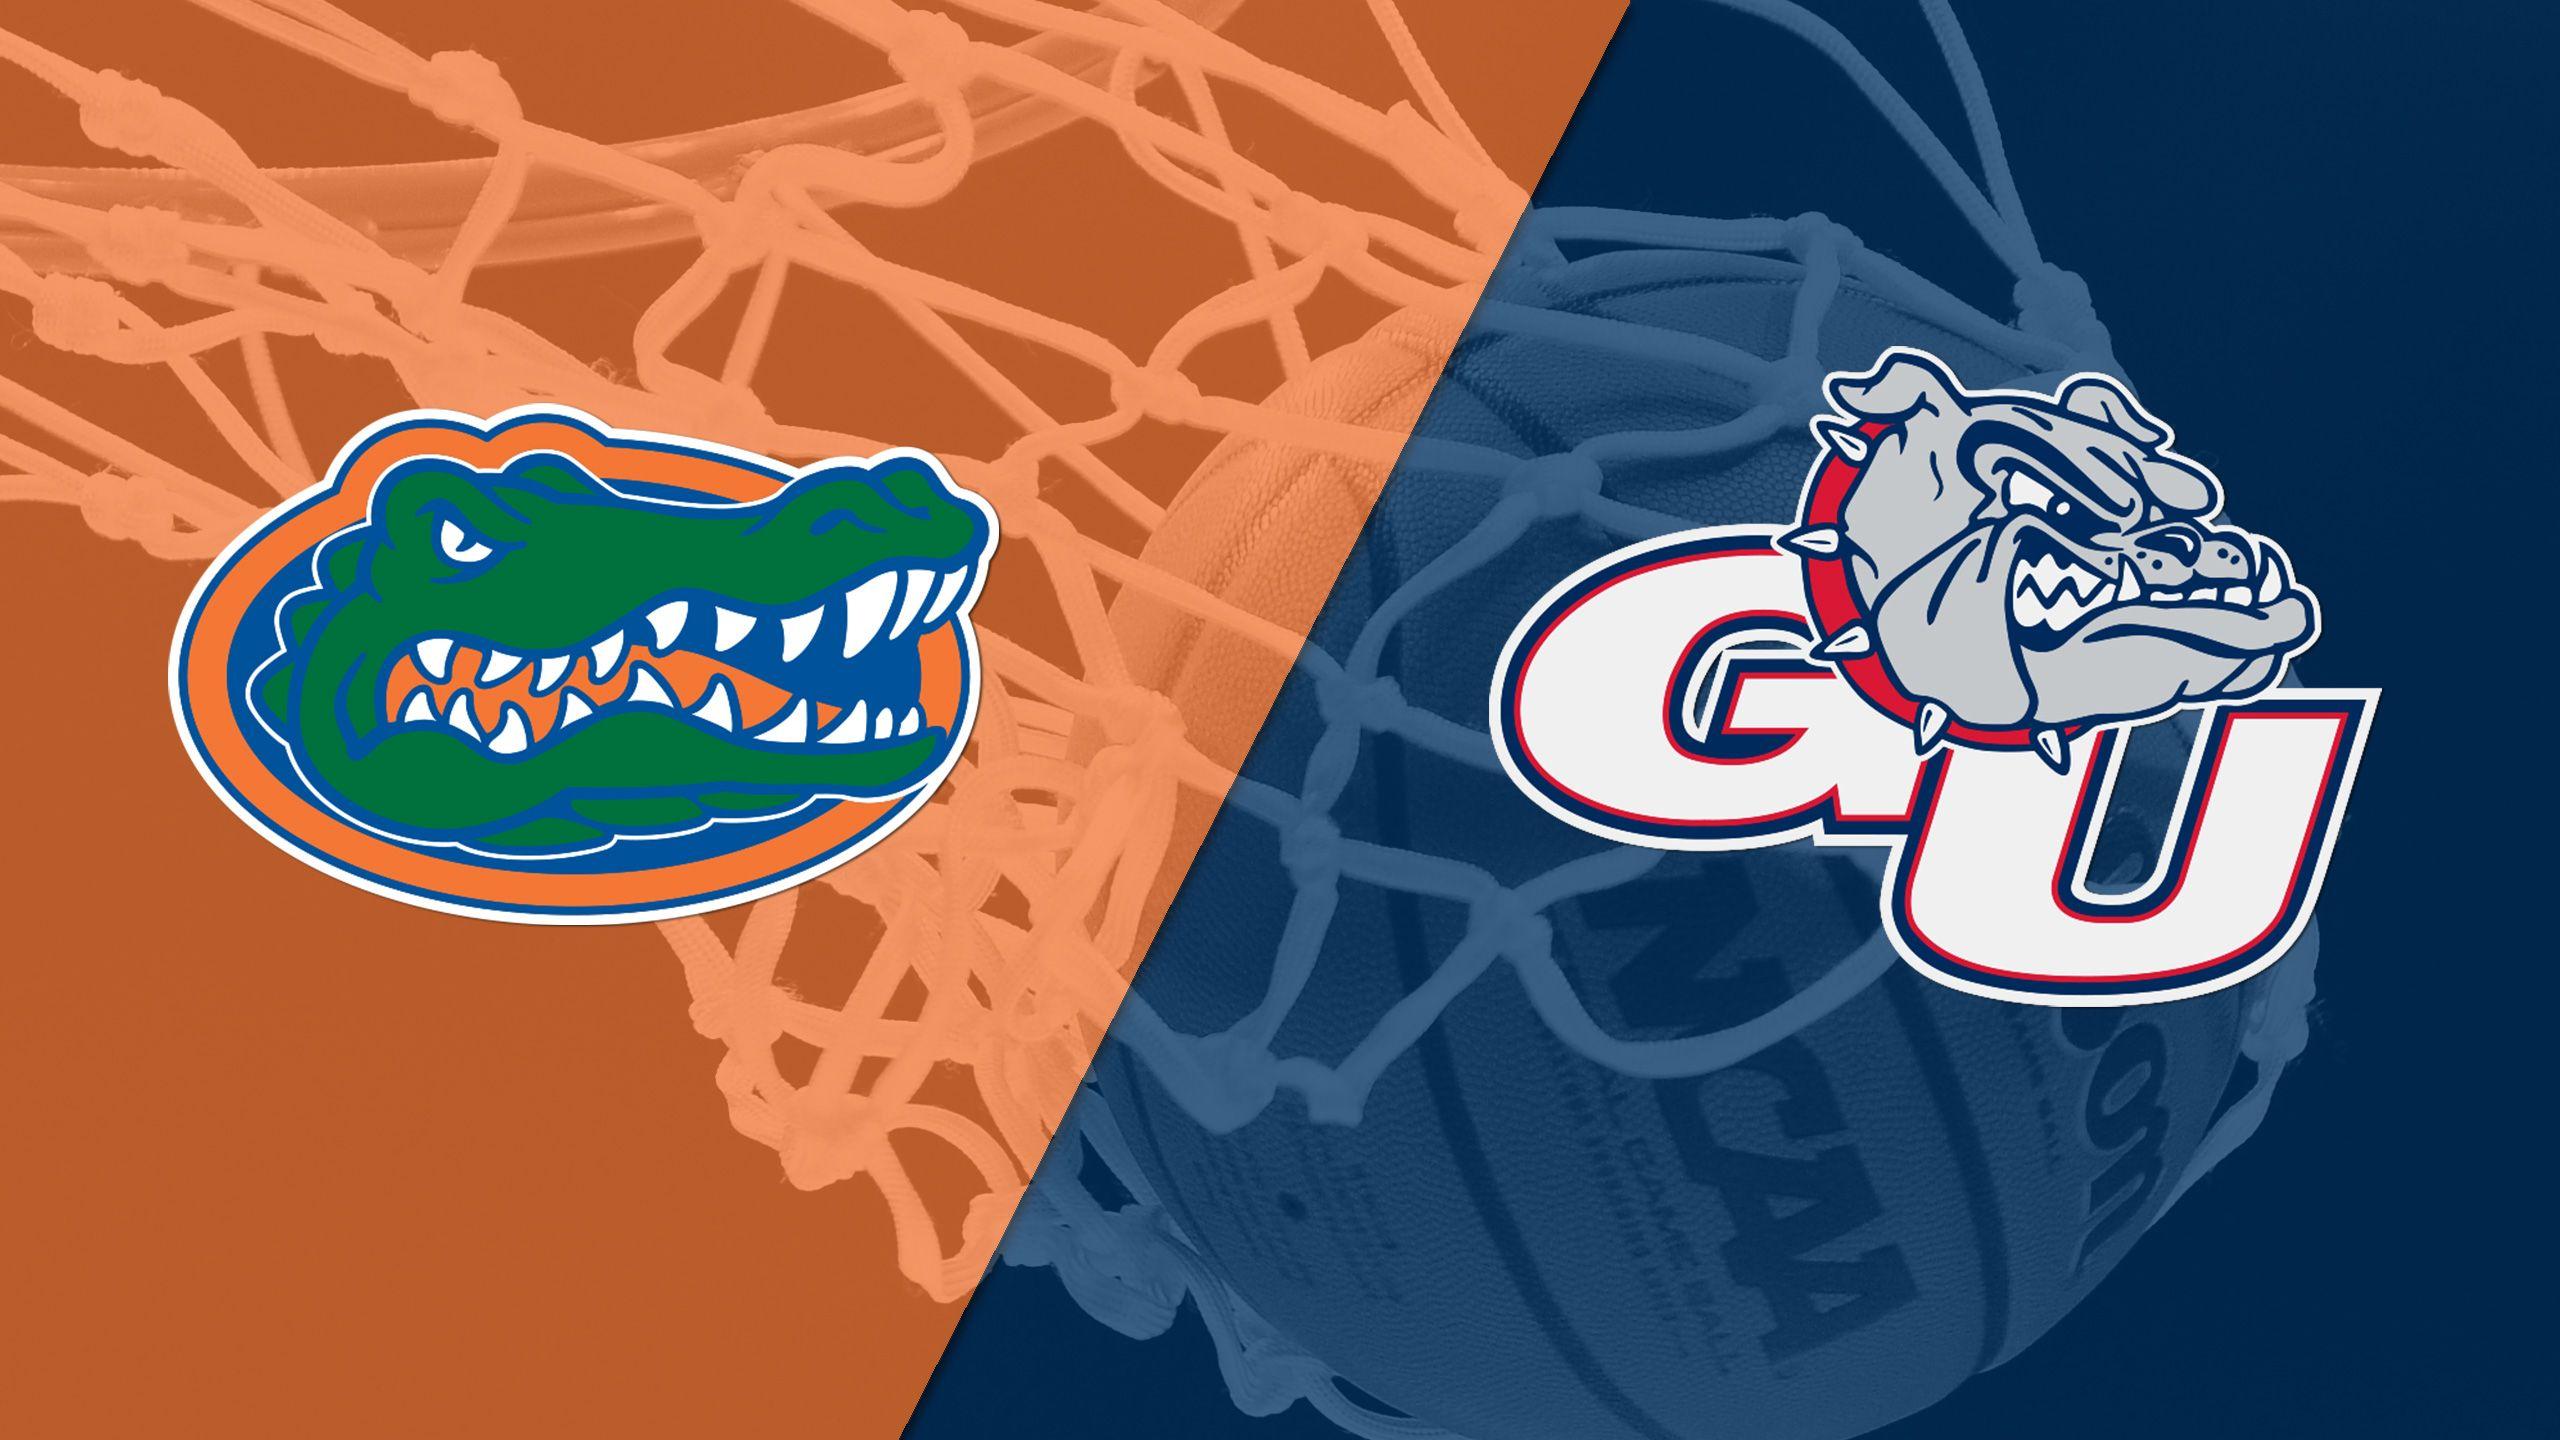 #7 Florida vs. #17 Gonzaga (Semifinal #2) (PK80) (re-air)